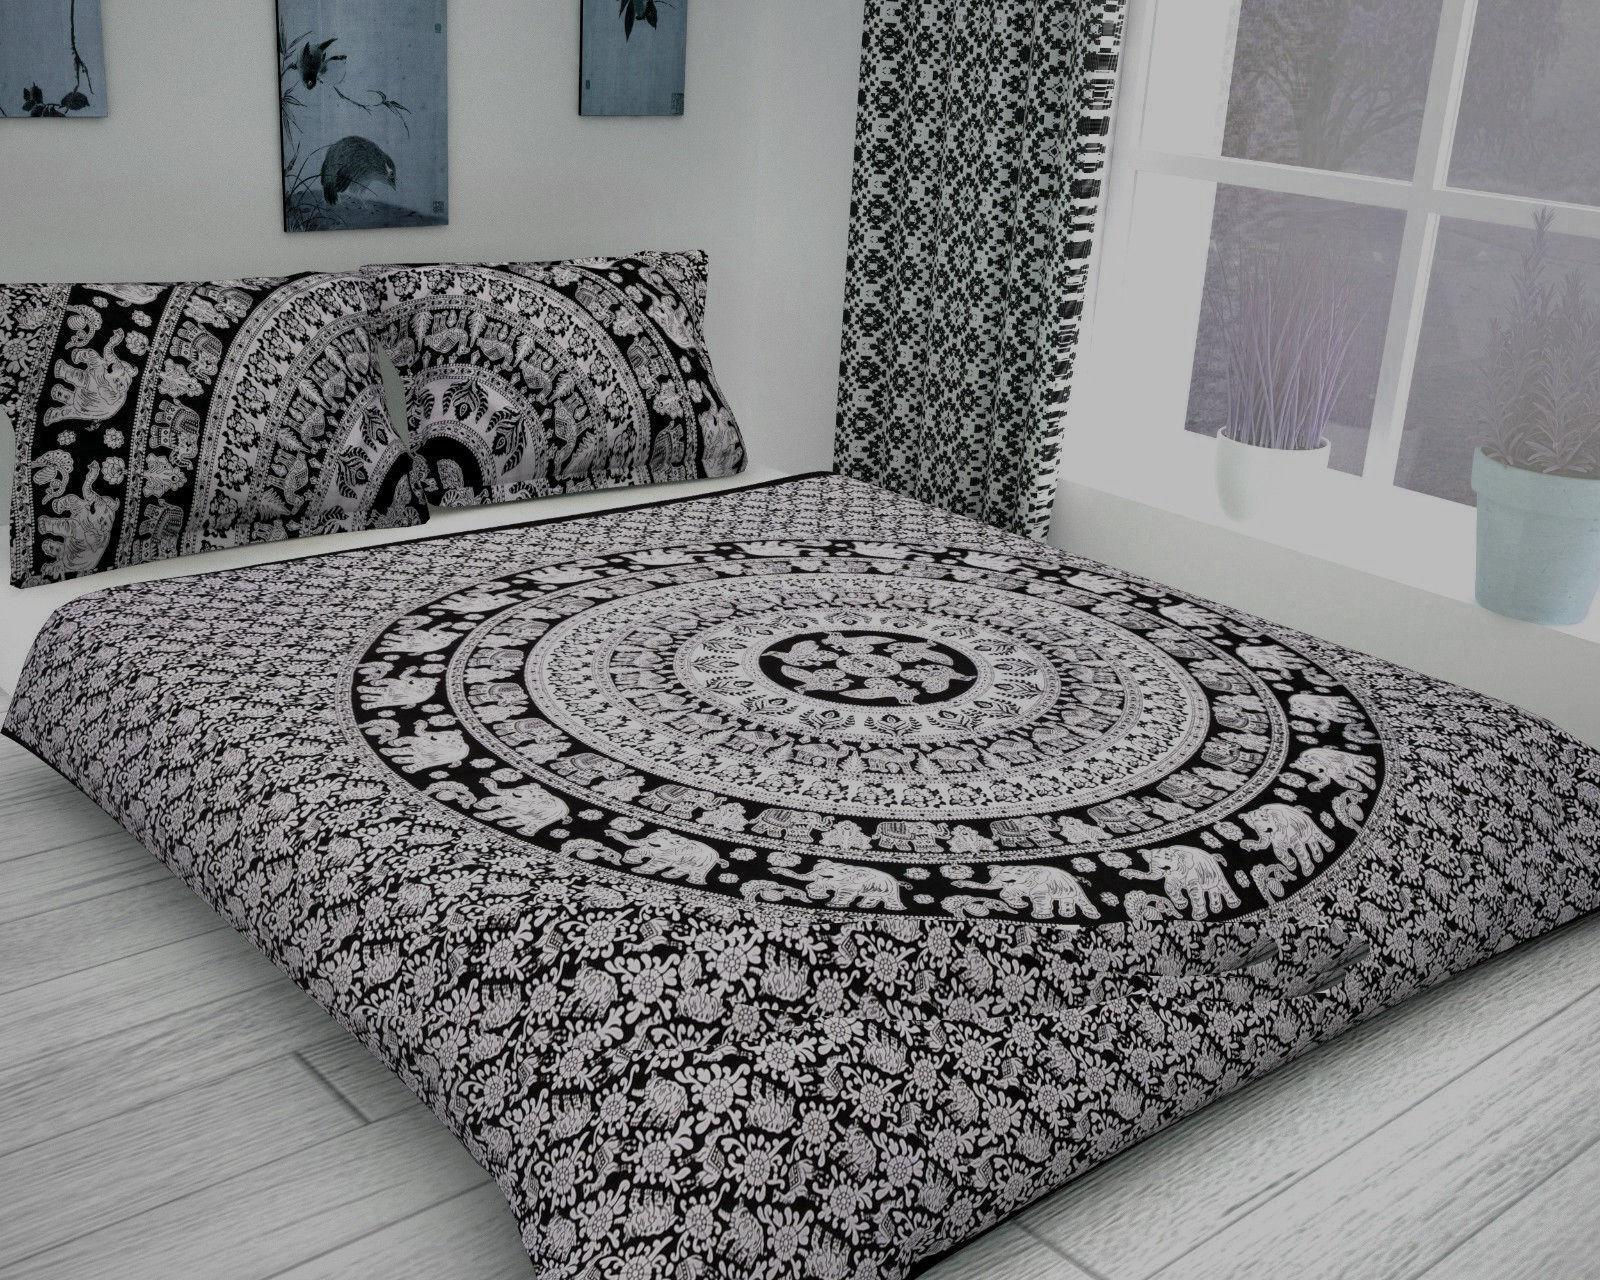 Elefanten-Mandala Bettbezug Hippie Indischen Königin Bettwäsche Baumwolle Boho